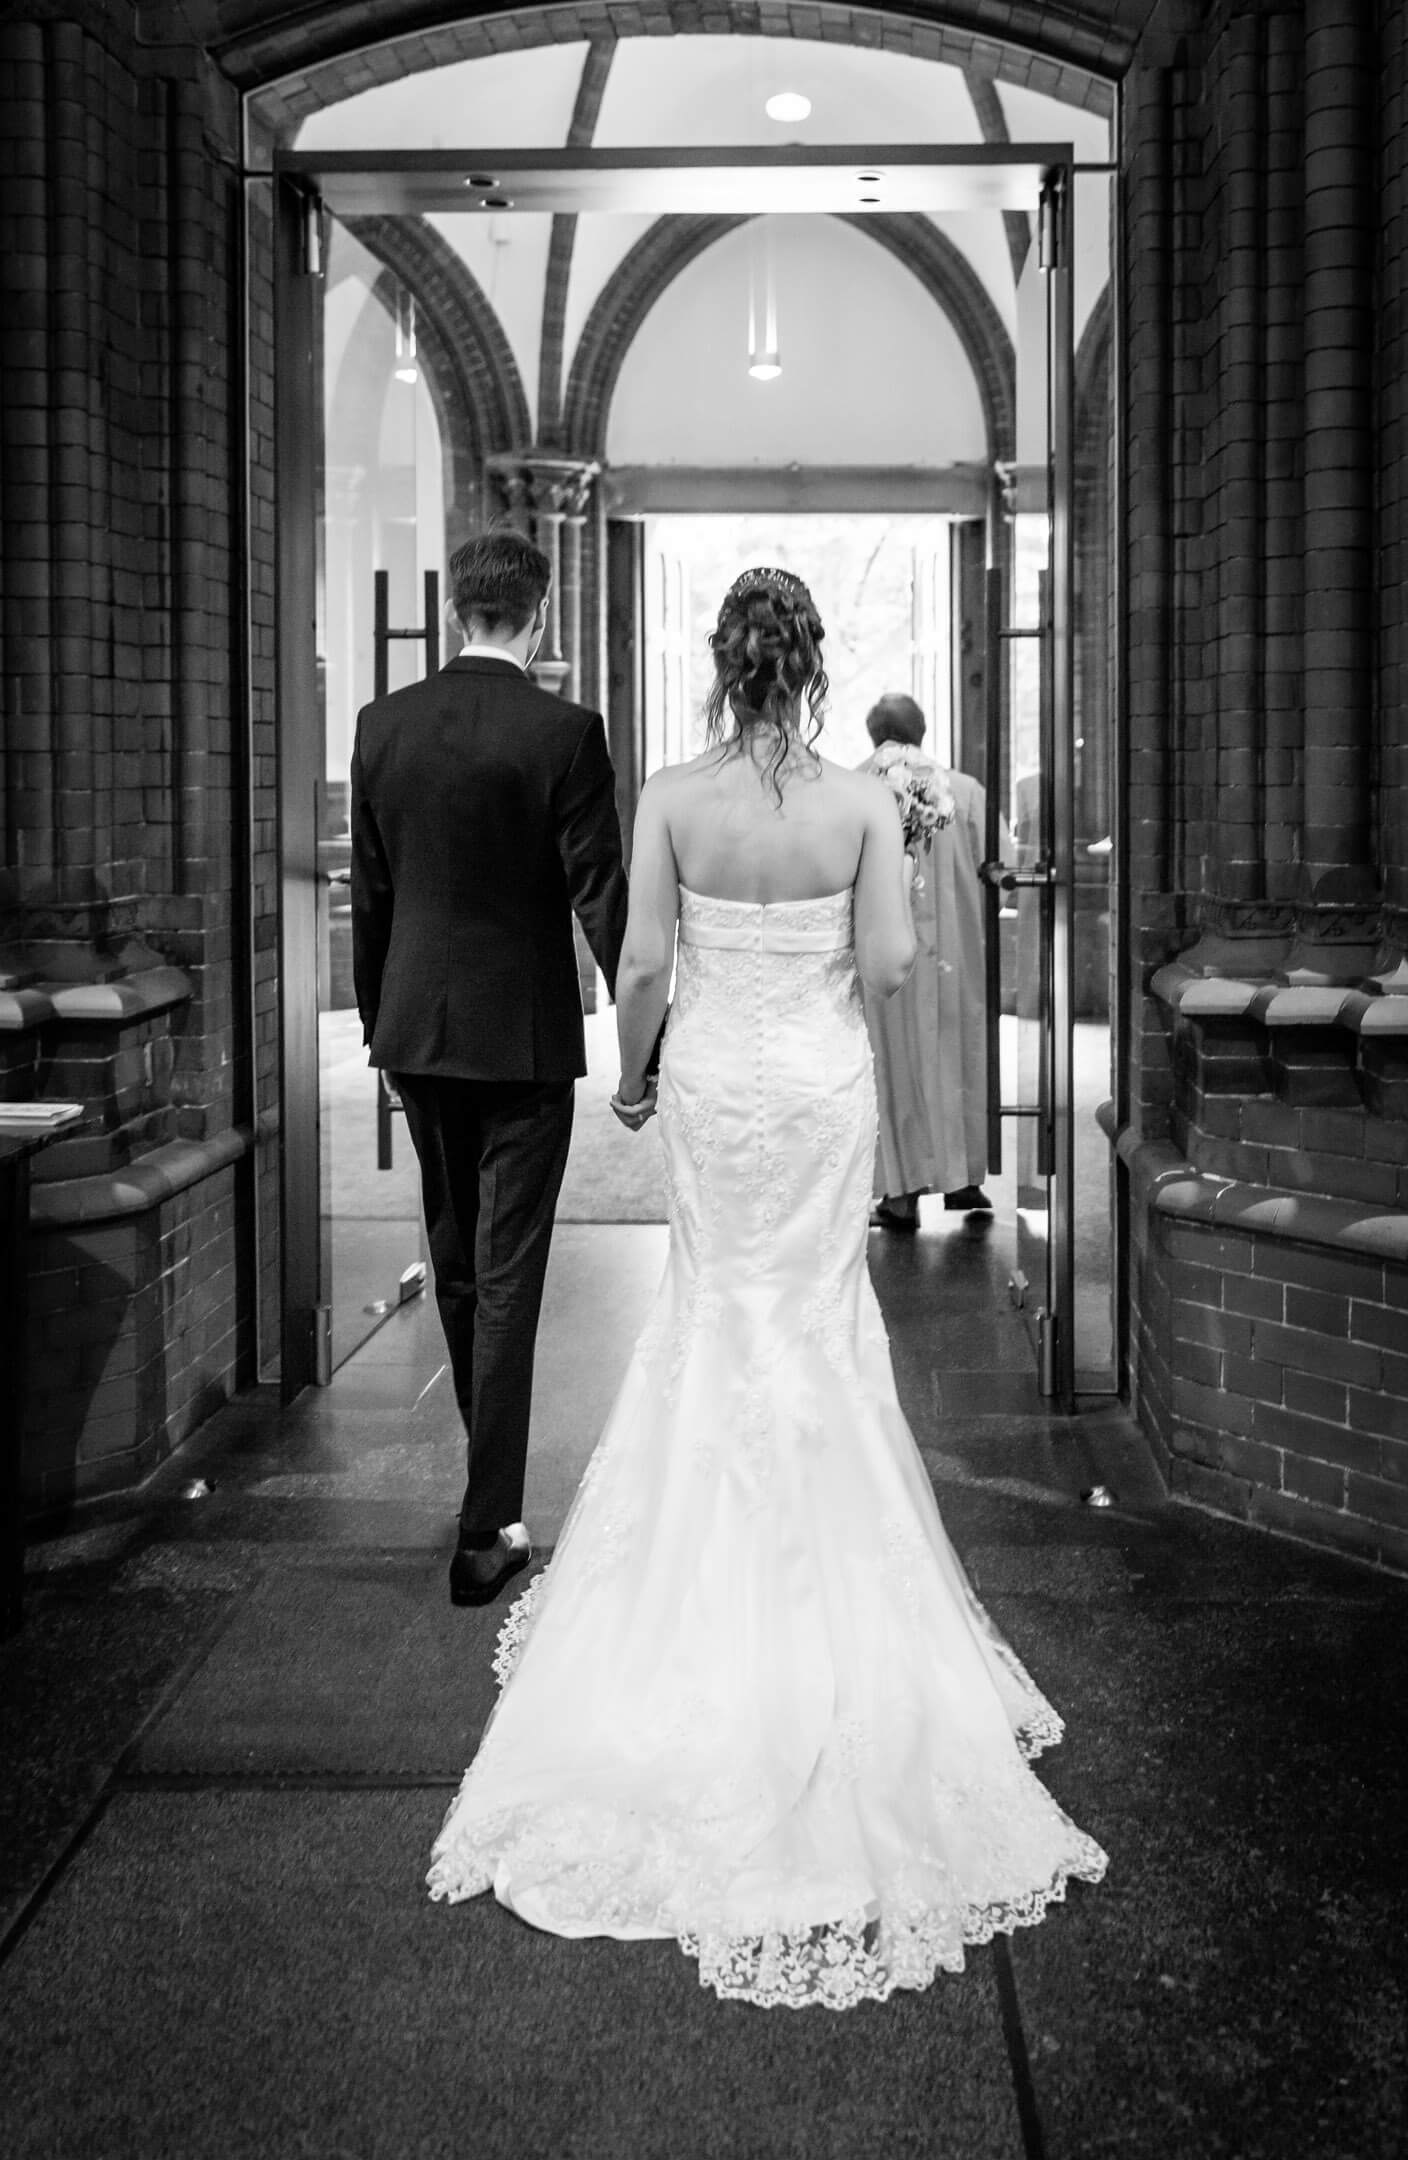 Brautpaar verlässt die Kirche. Das Brautkleid hat eine lange Schleppe.